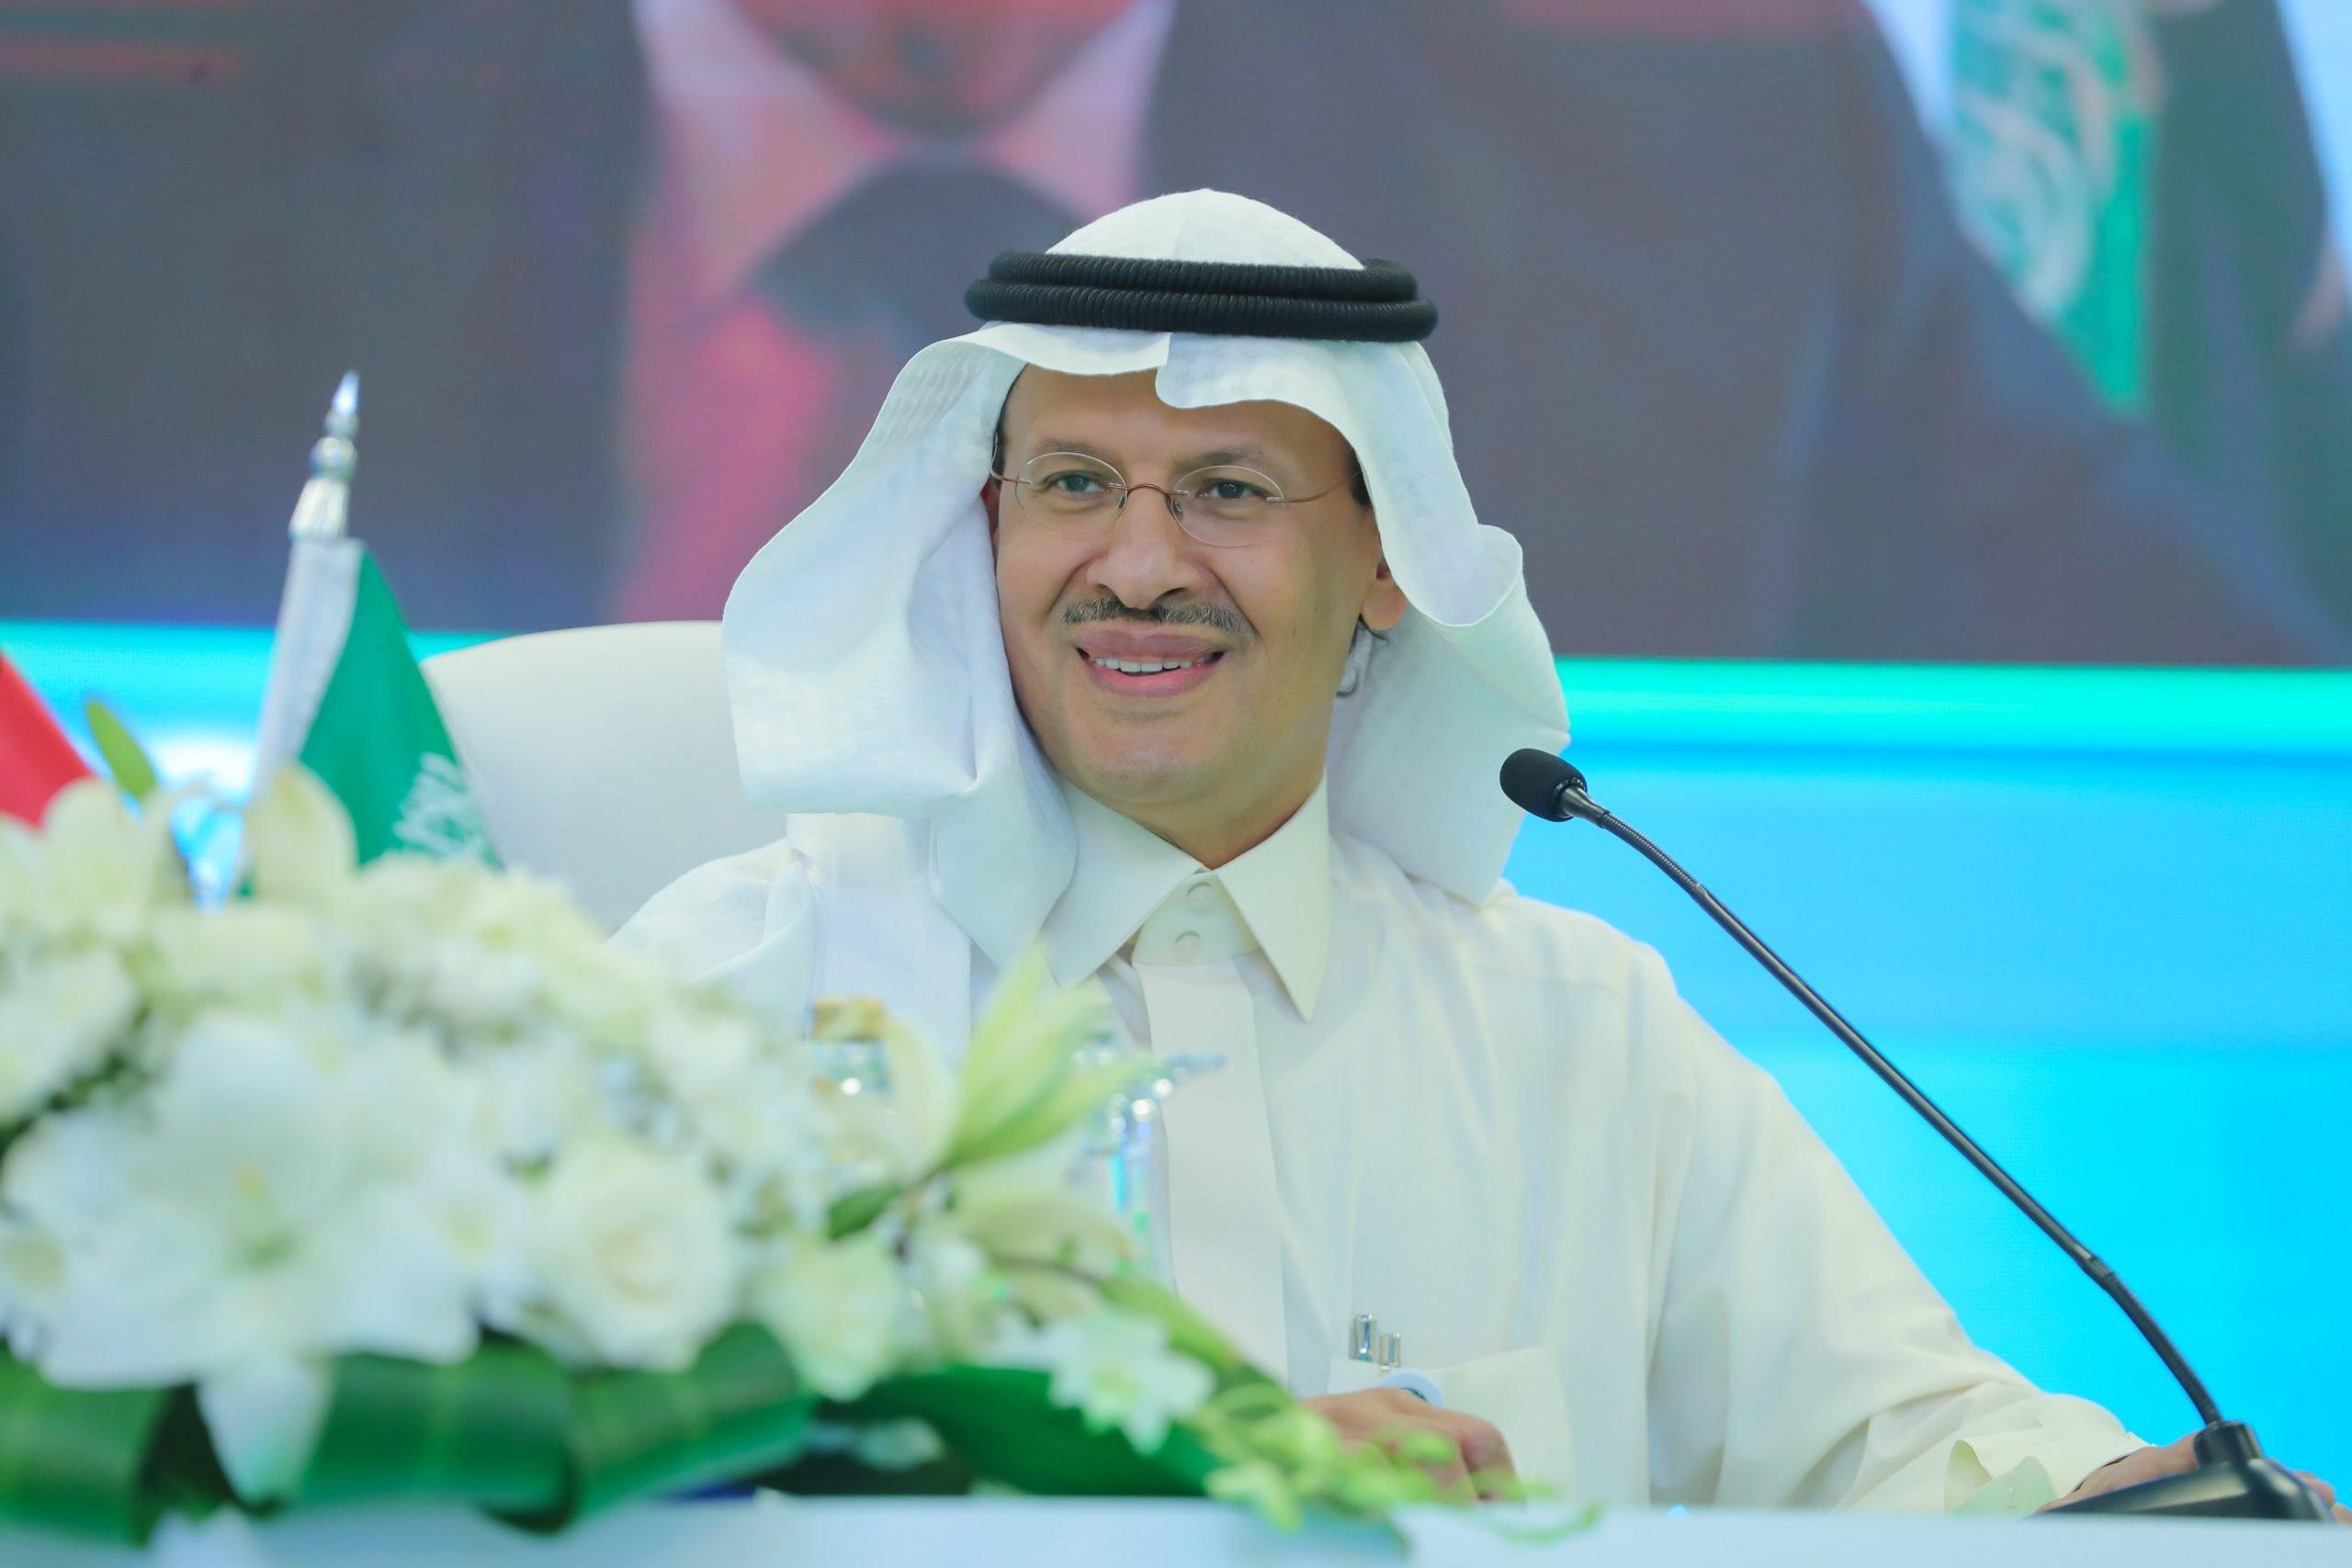 الأمير عبدالعزيز بن سلمان - السعودية